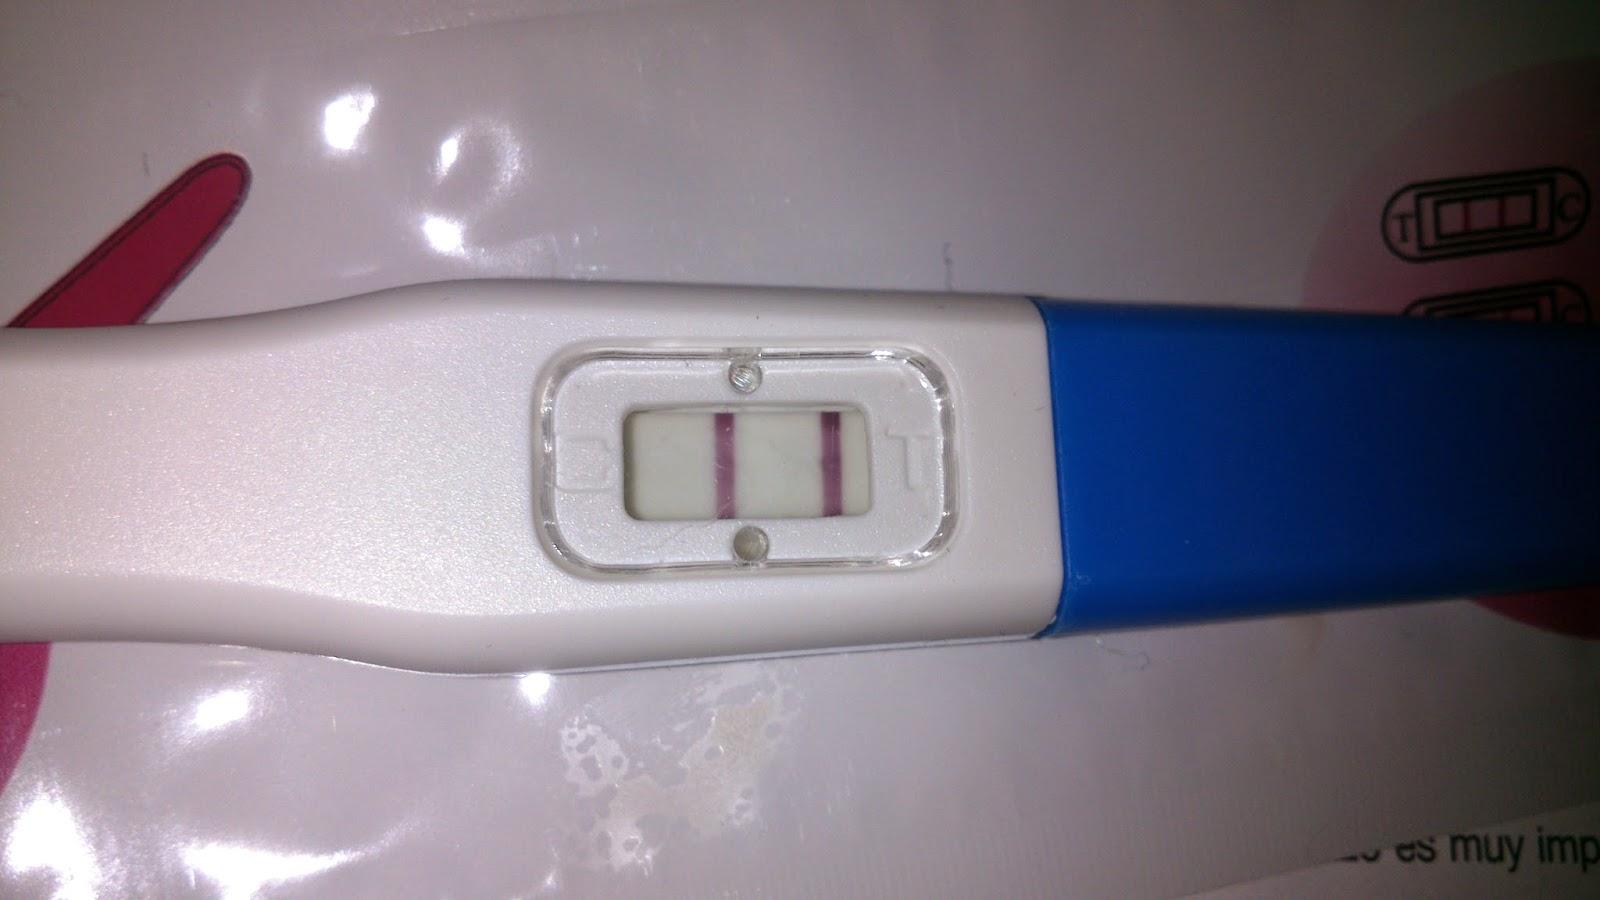 Prueba De Embarazo Positiva: Aina Garriga Moreno: Viernes 13 De Diciembre De 2013